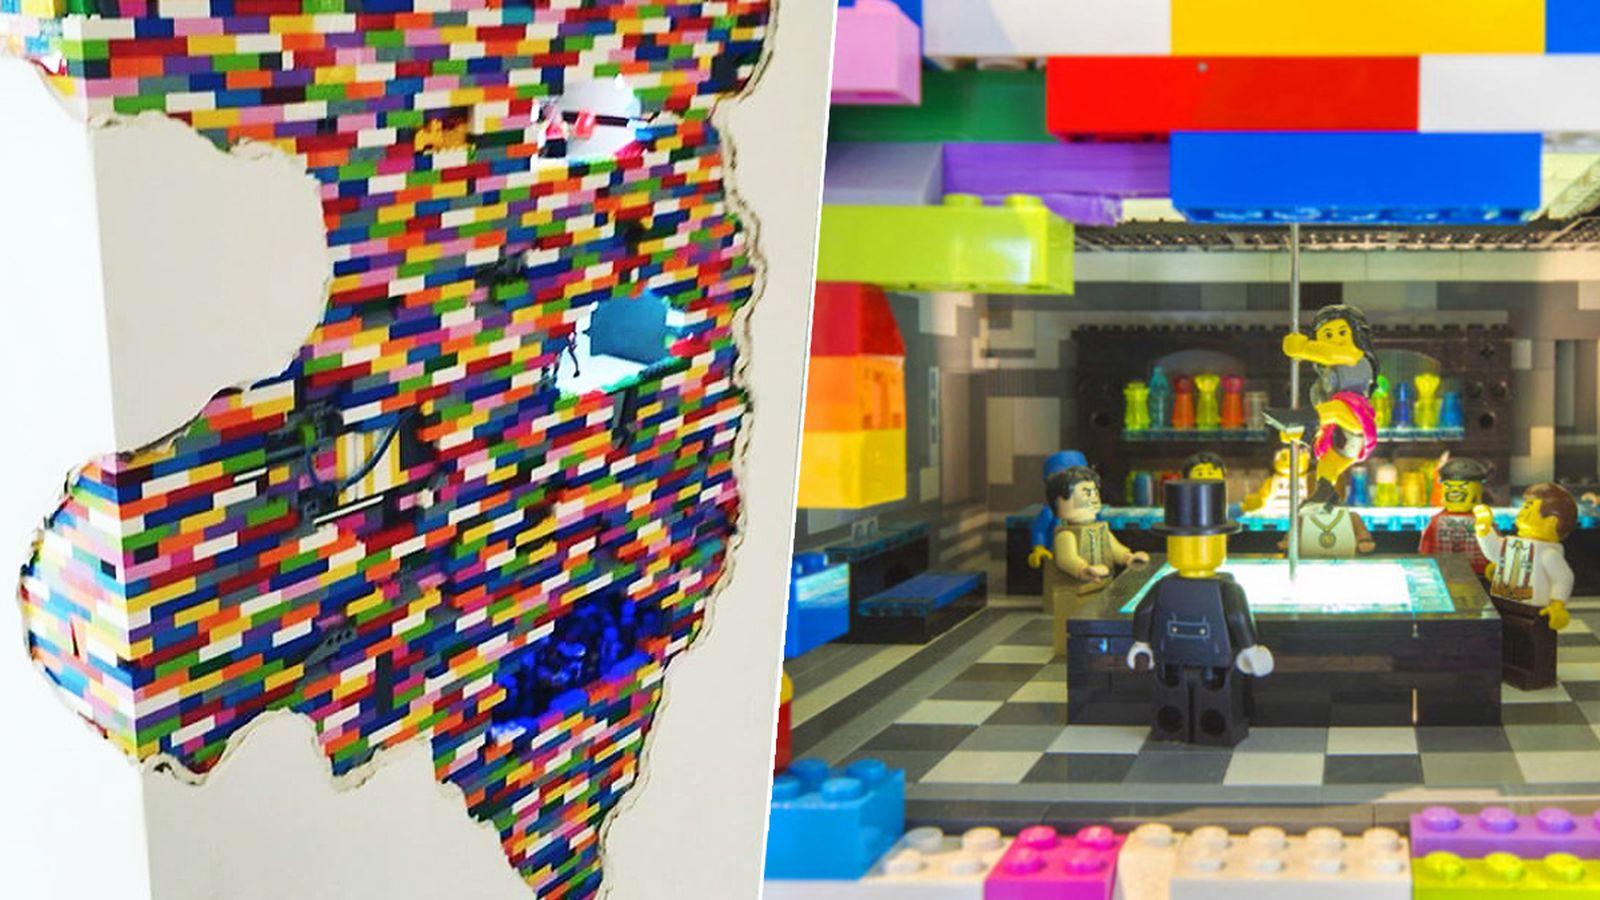 lego_20strip_20club_0.jpg